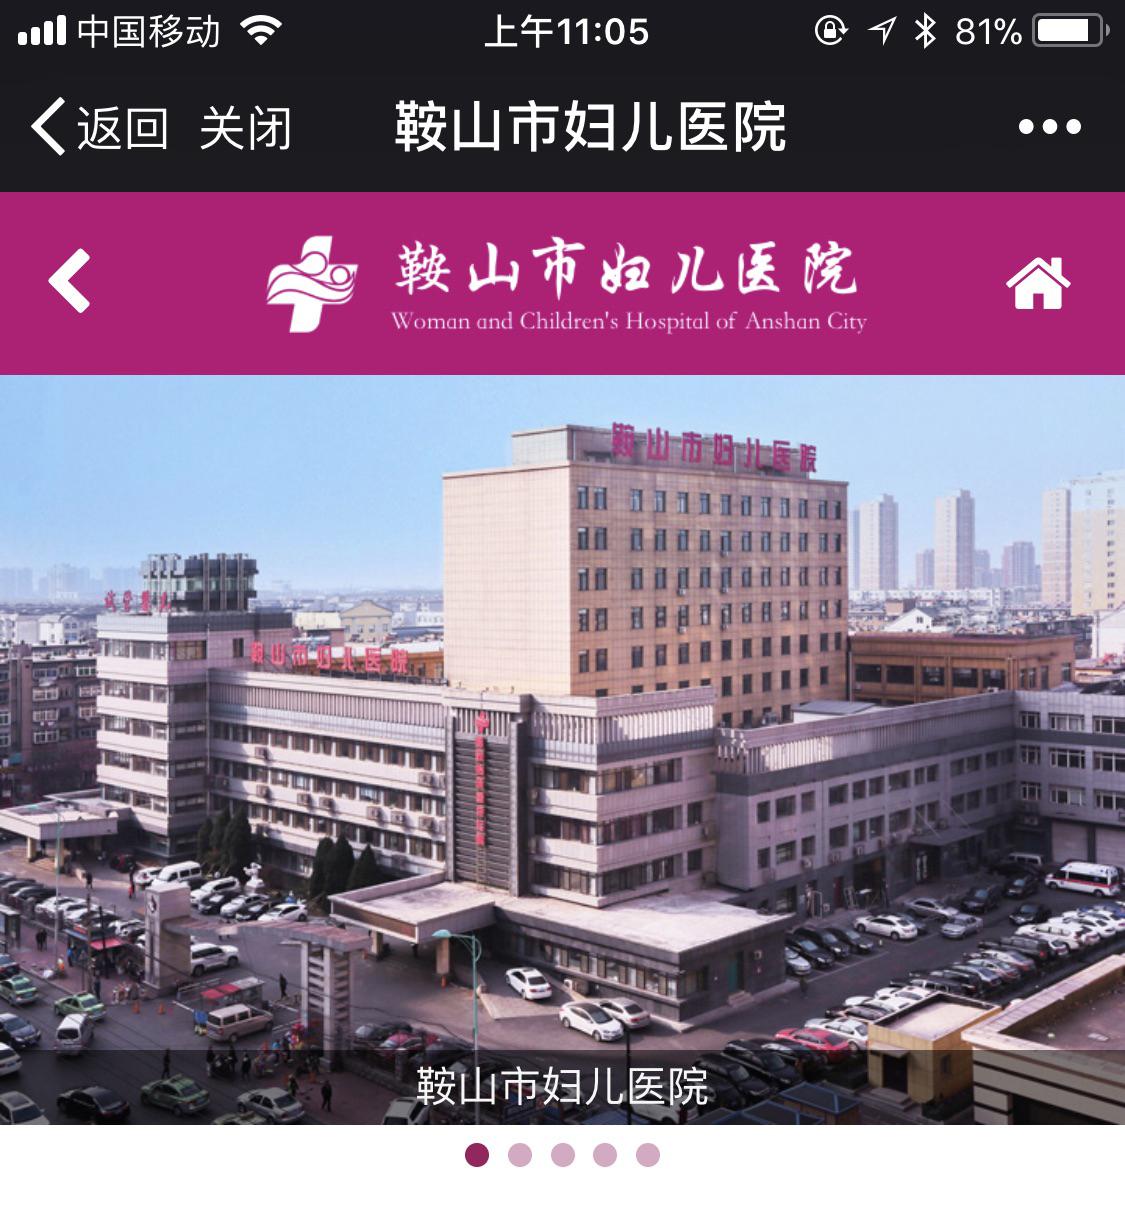 妇儿医院手机微主页又增便民新功能